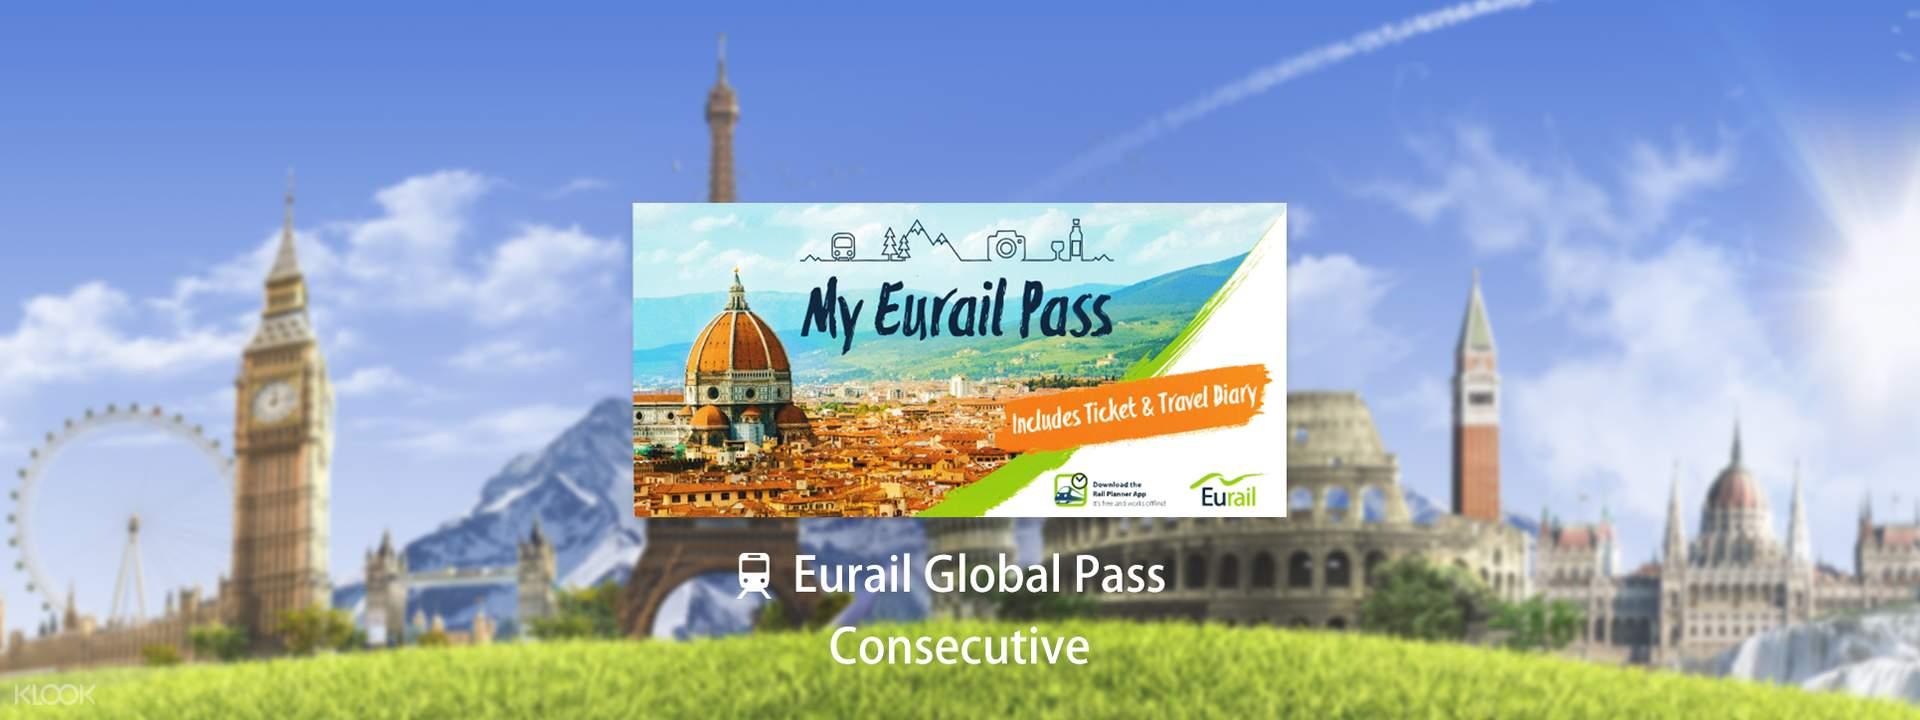 유레일 글로벌 패스 - 스위스, 프랑스 등 유럽 31개국 자유 여행! - Klook